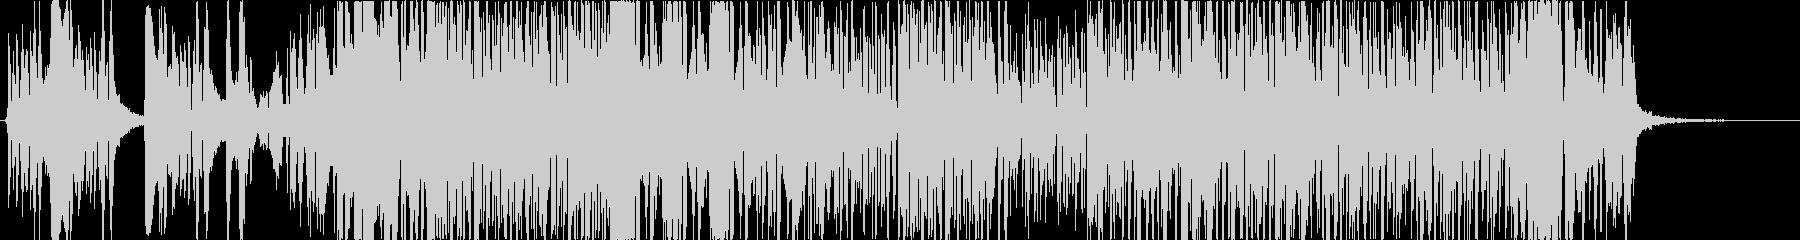 近未来サウンドのラップ多めHIPHOPの未再生の波形